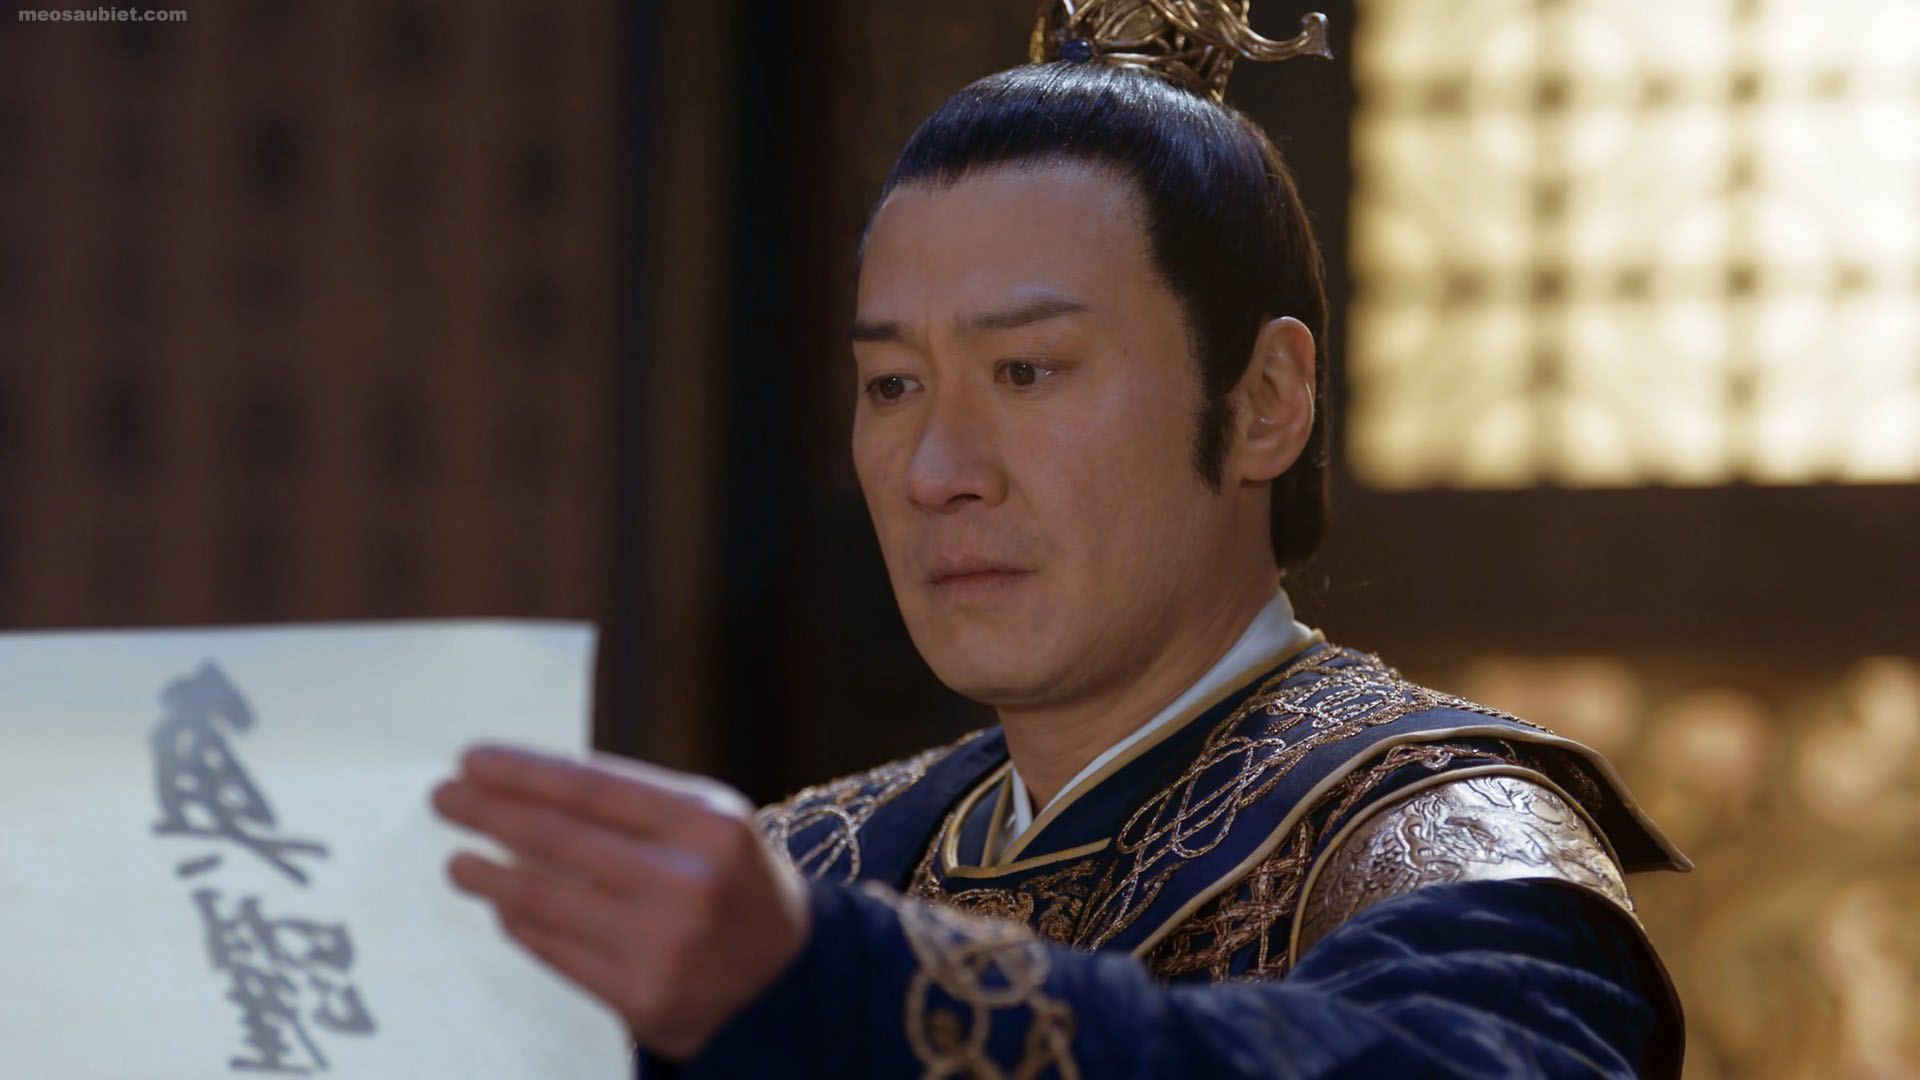 Tương Dạ 2018 Lê Minh trong vai Lý Trọng Địch , hoàng đế Đường quốc